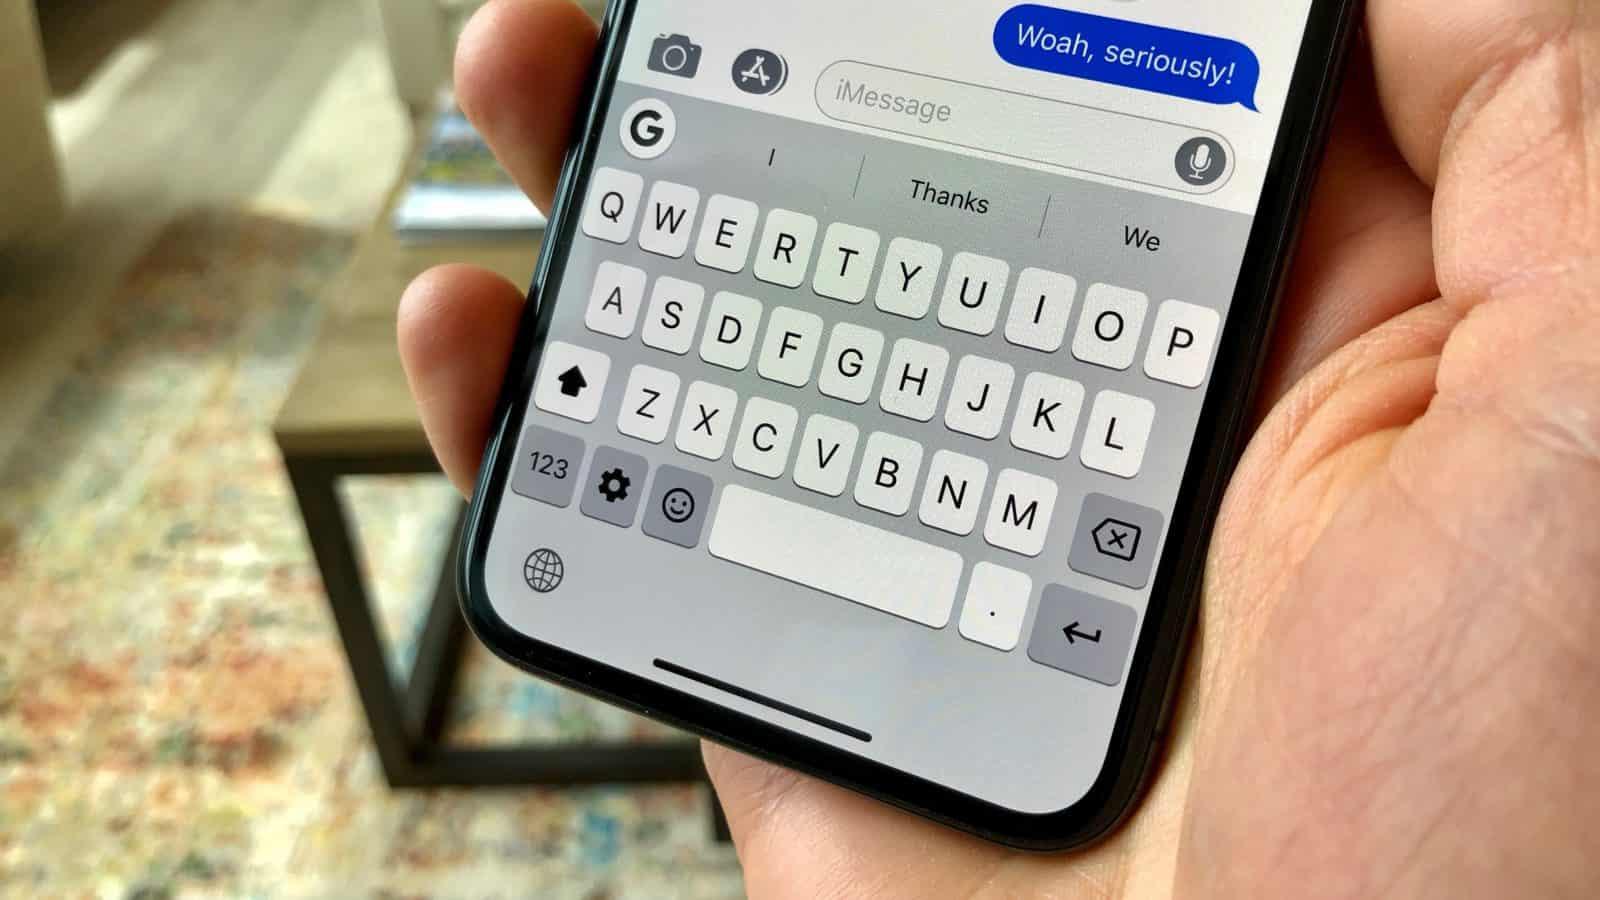 iOS keyboard issues